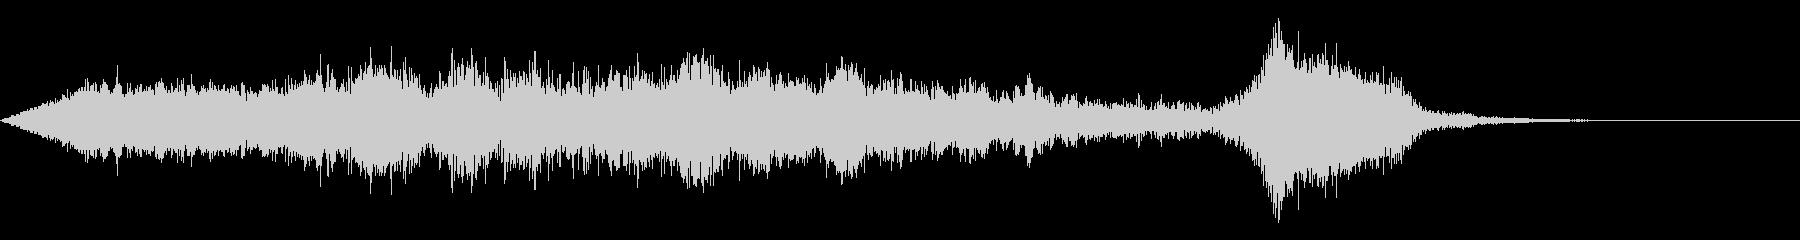 ワープ 宇宙的 未来的な効果音 04bの未再生の波形